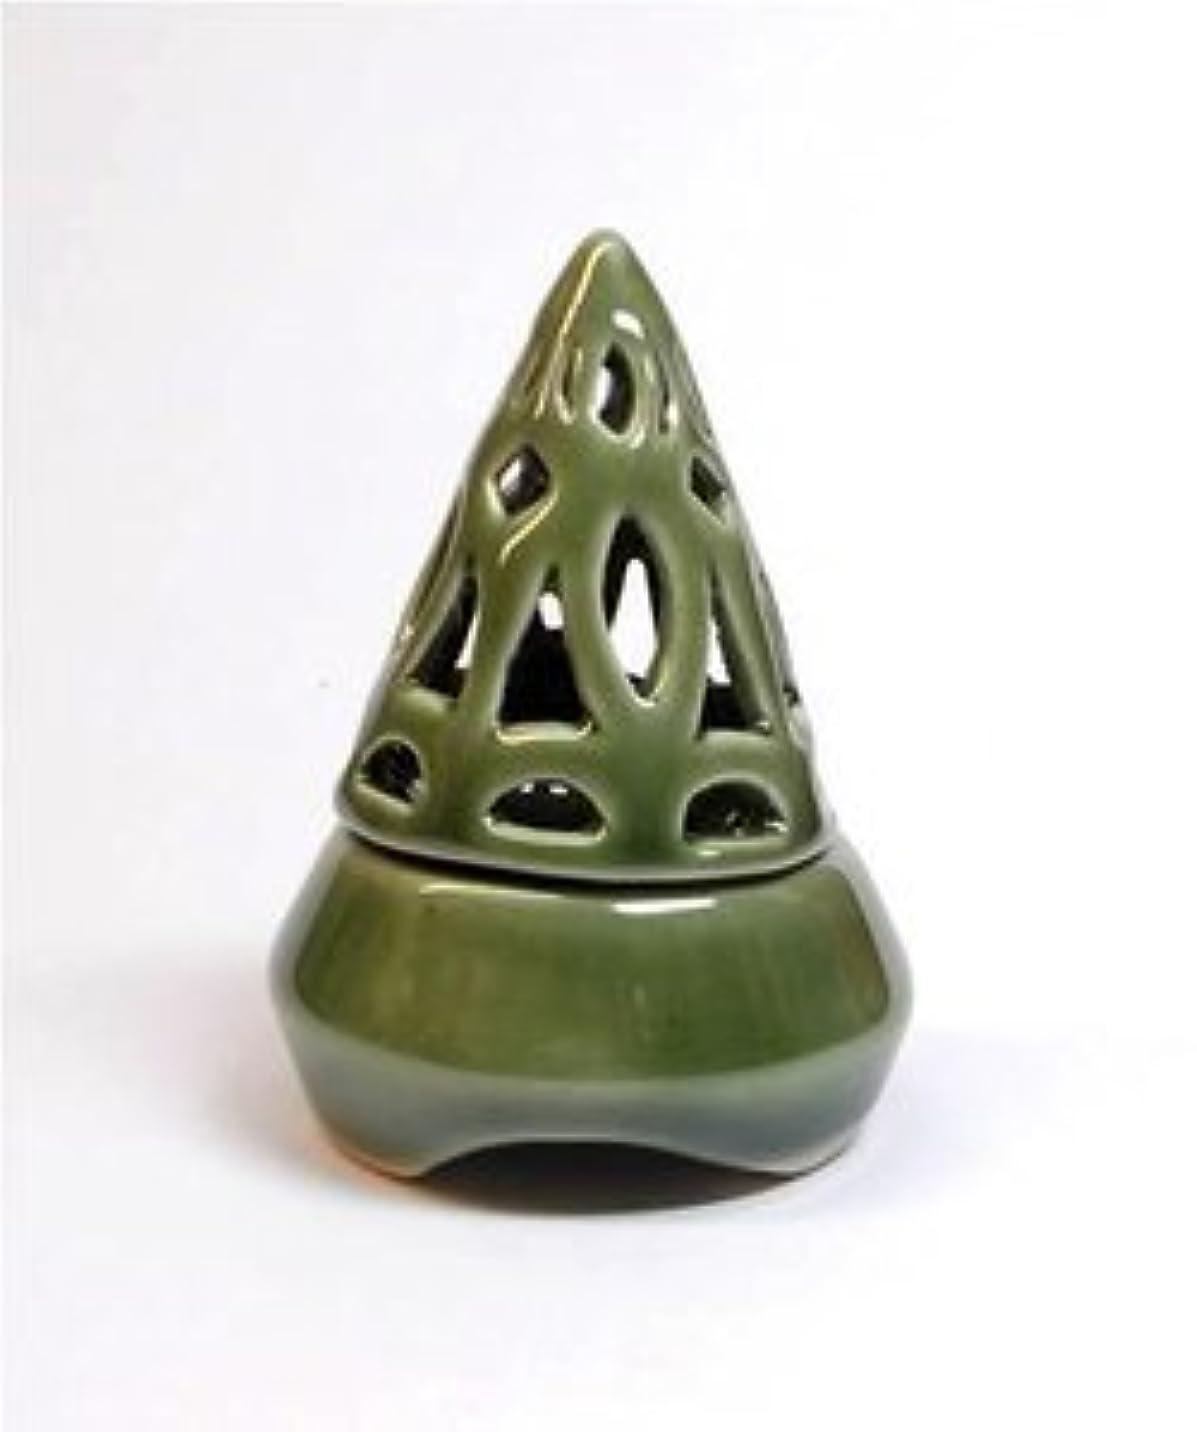 比喩露骨なキロメートル香炉コーン型 緑 インセンス ホルダー コーン用 お香立て アジアン雑貨